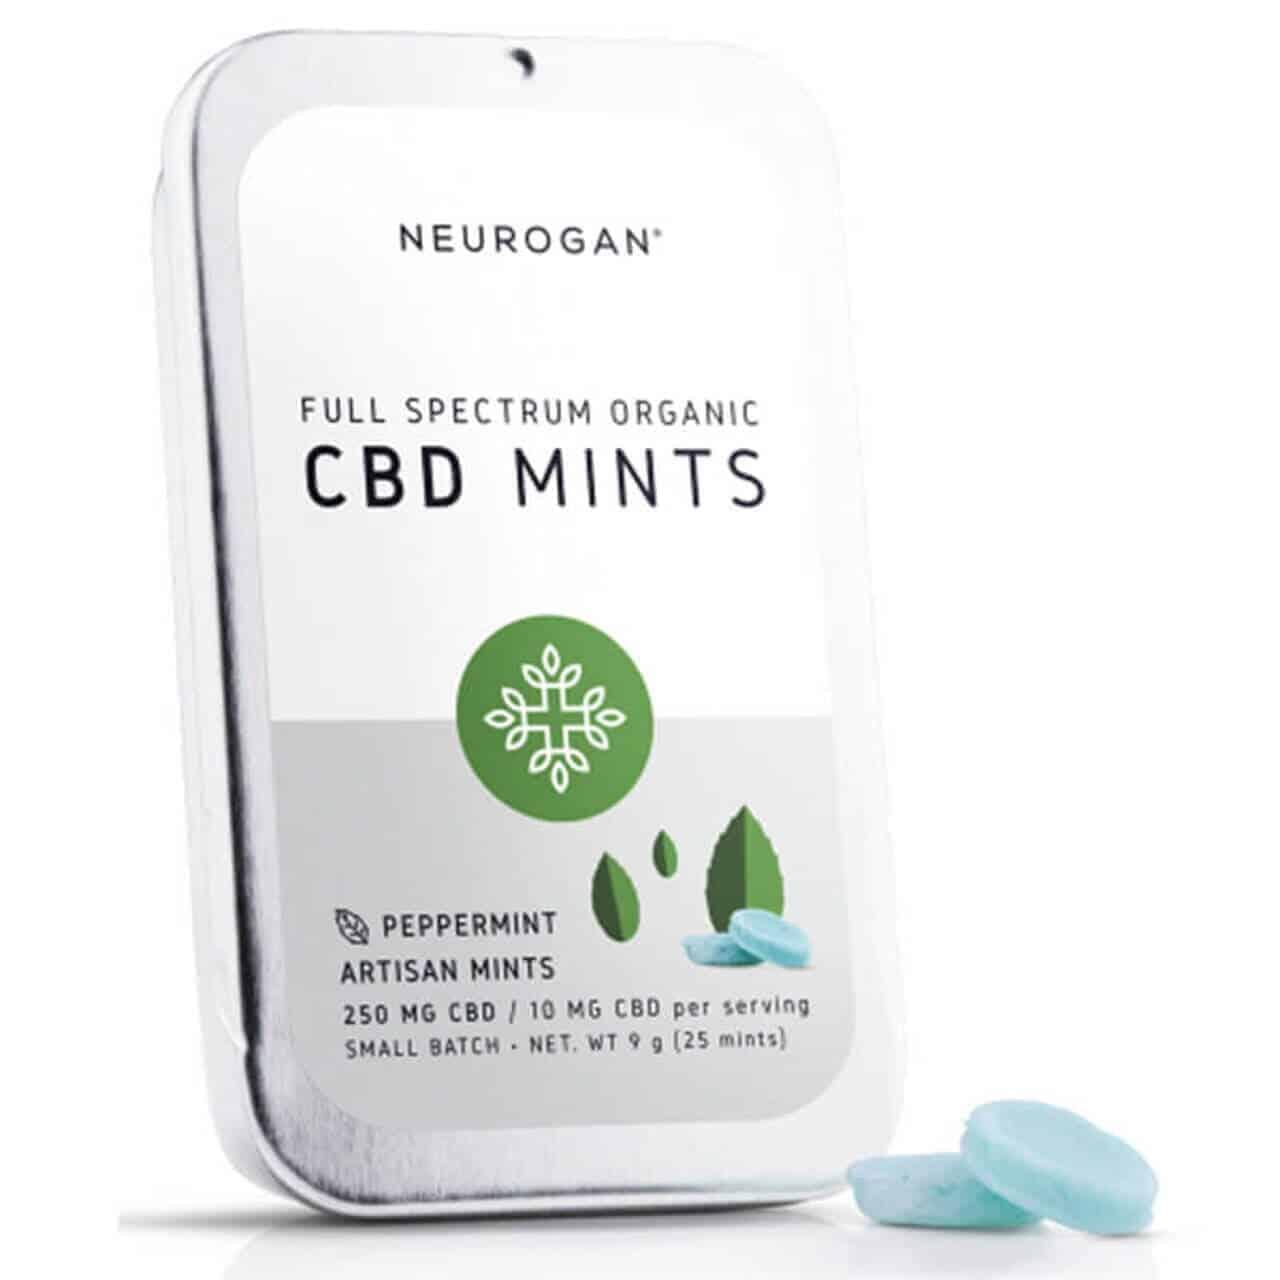 Neurogan CBD Mints